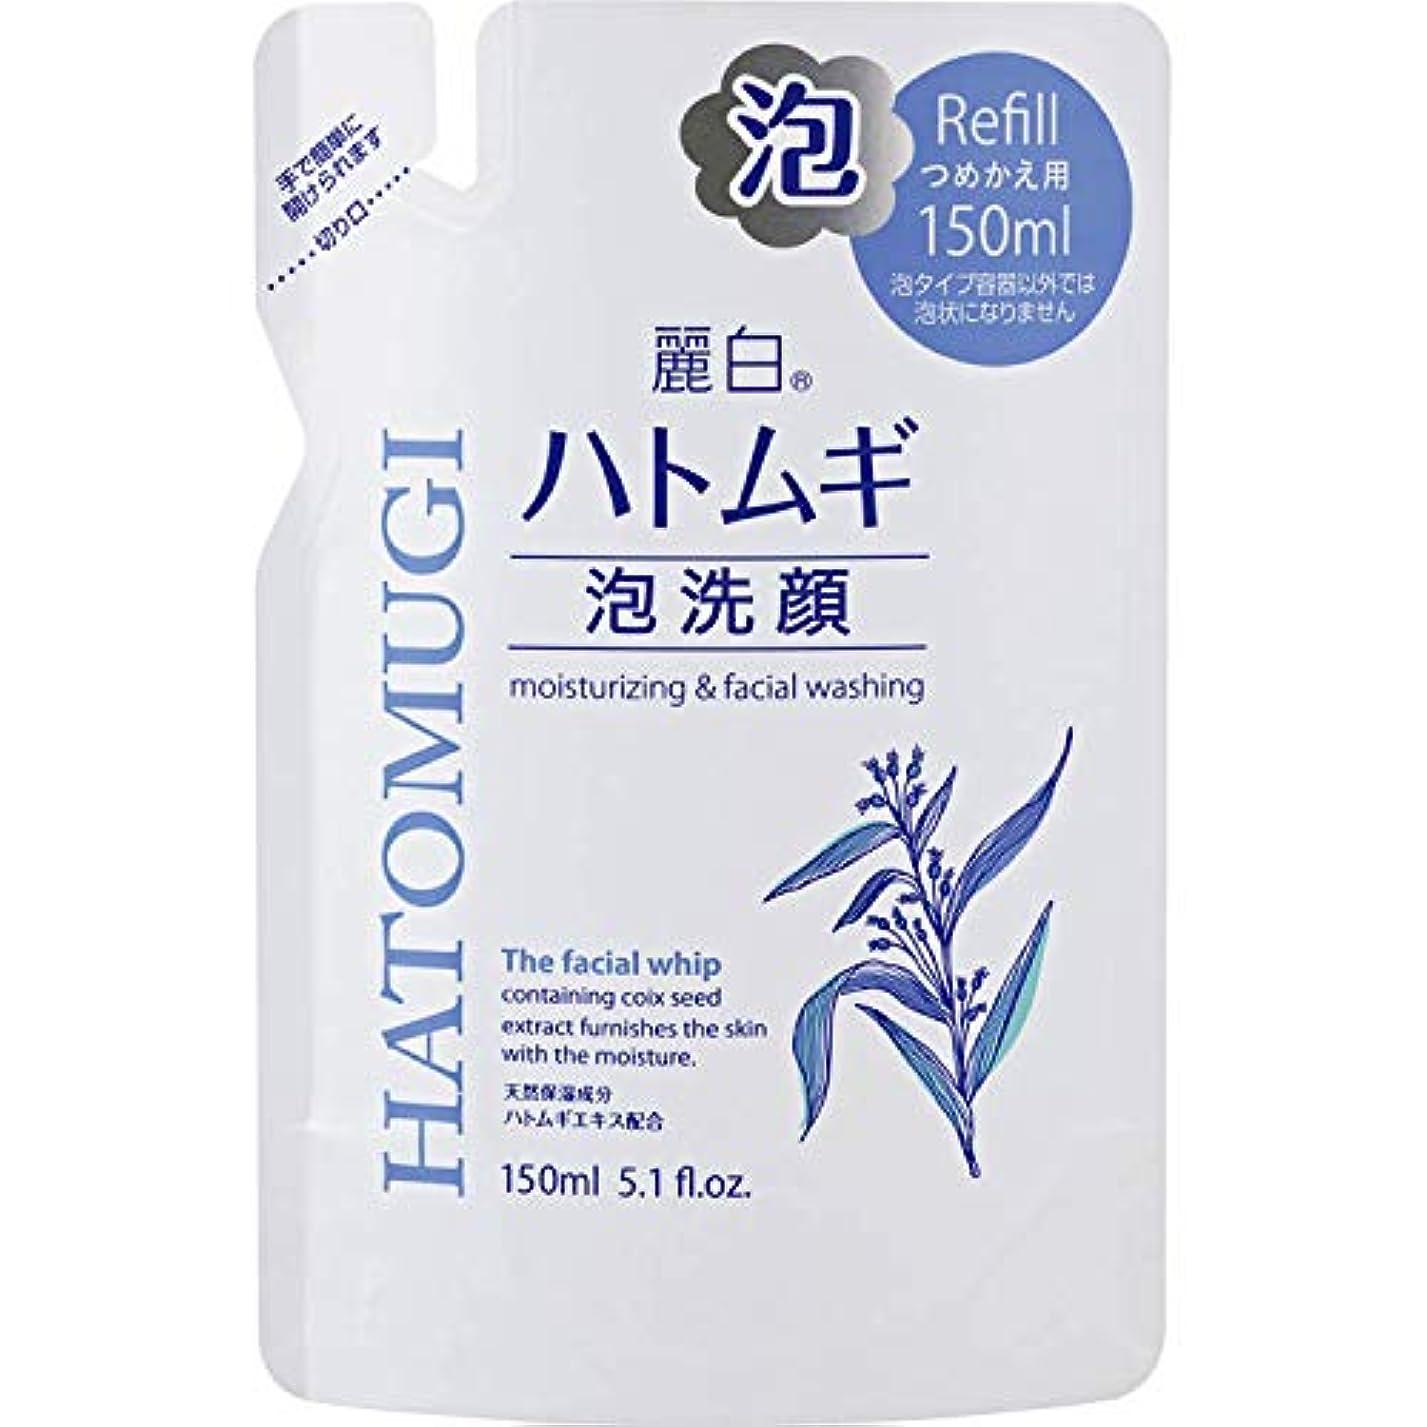 テクスチャー無駄ホイットニー麗白 ハトムギ 泡洗顔 詰替用 150mL